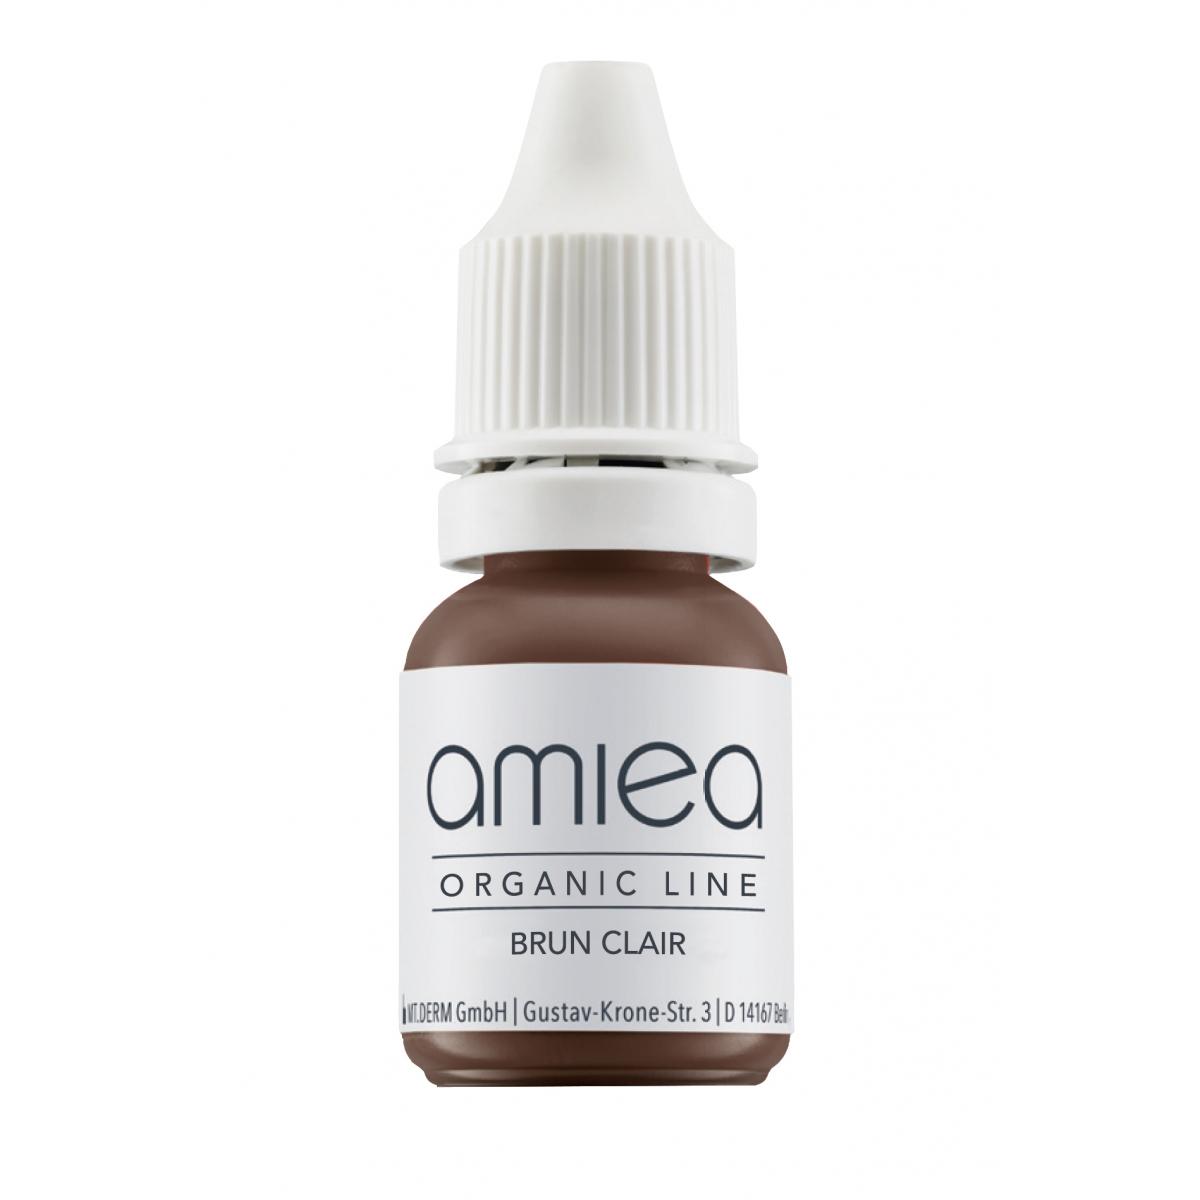 Organicline (5 ml)  - PIGMENTS AMIEA ORGANICLINE BRUN CLAIR, Flacon 5 ml